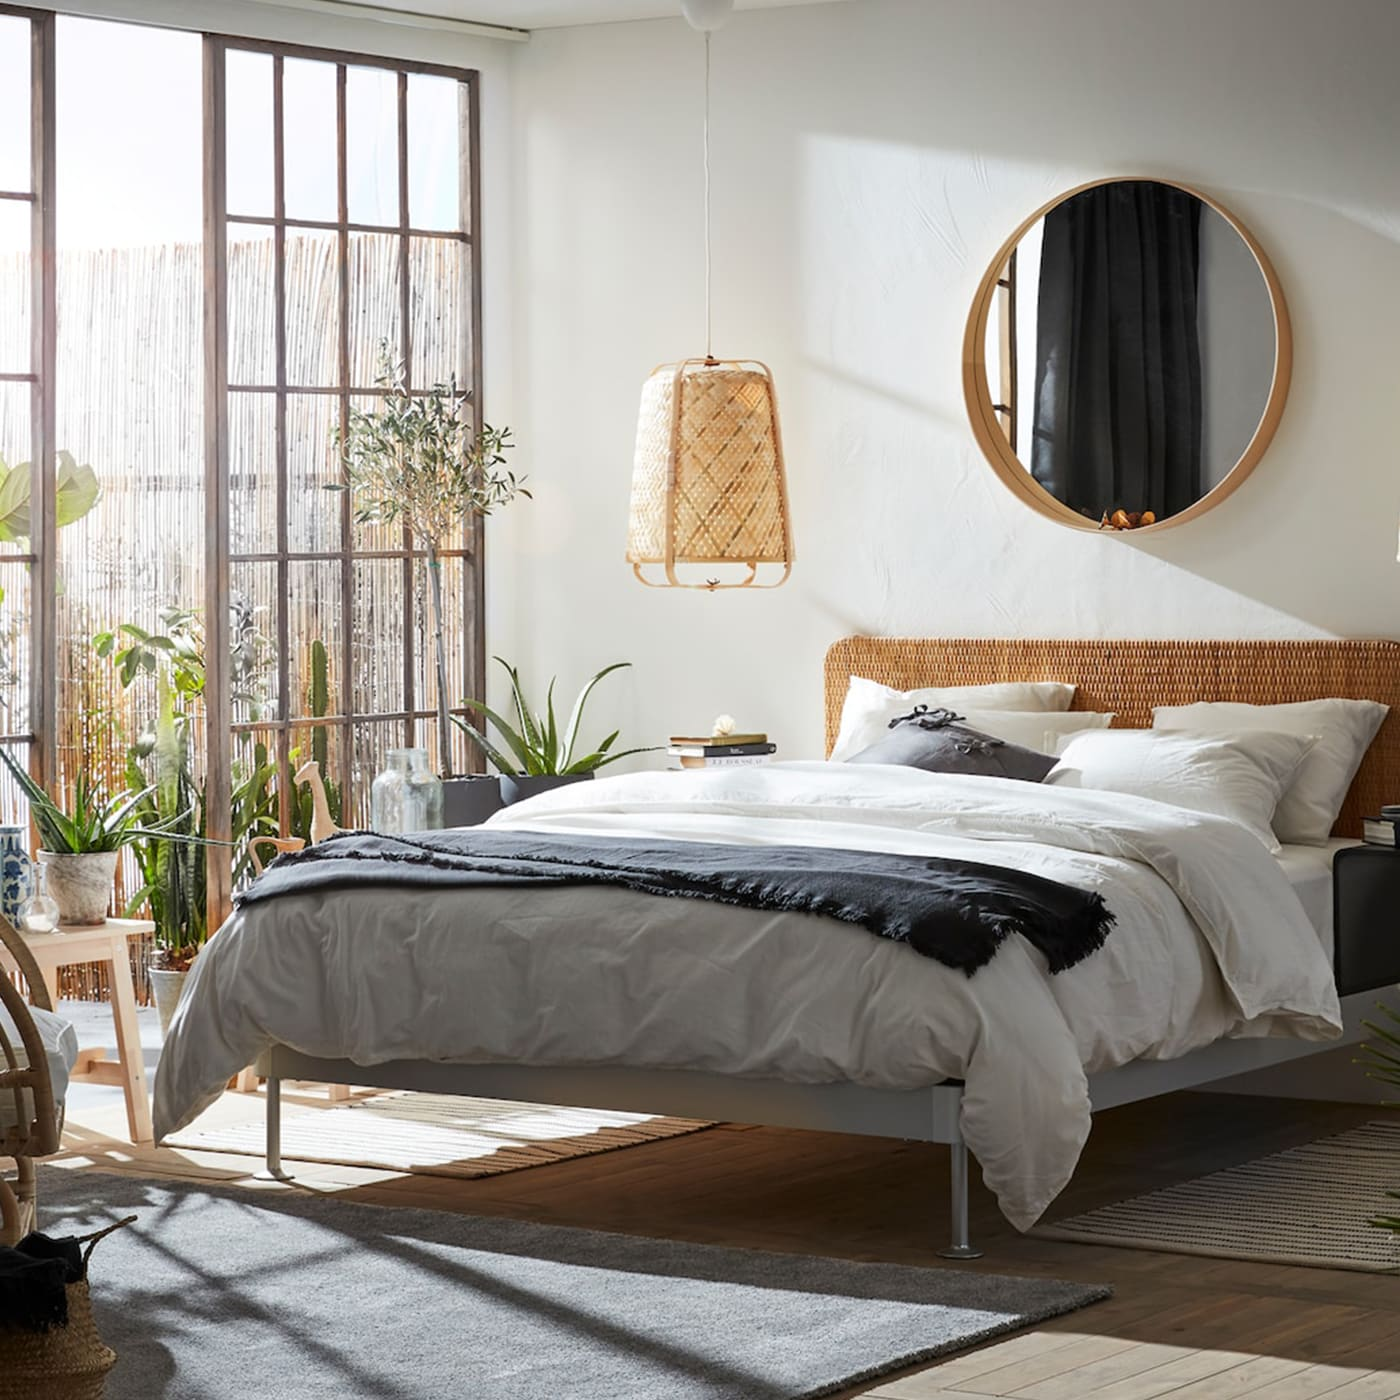 Stilvolles Schlafzimmer mit Naturmaterialien - IKEA Österreich